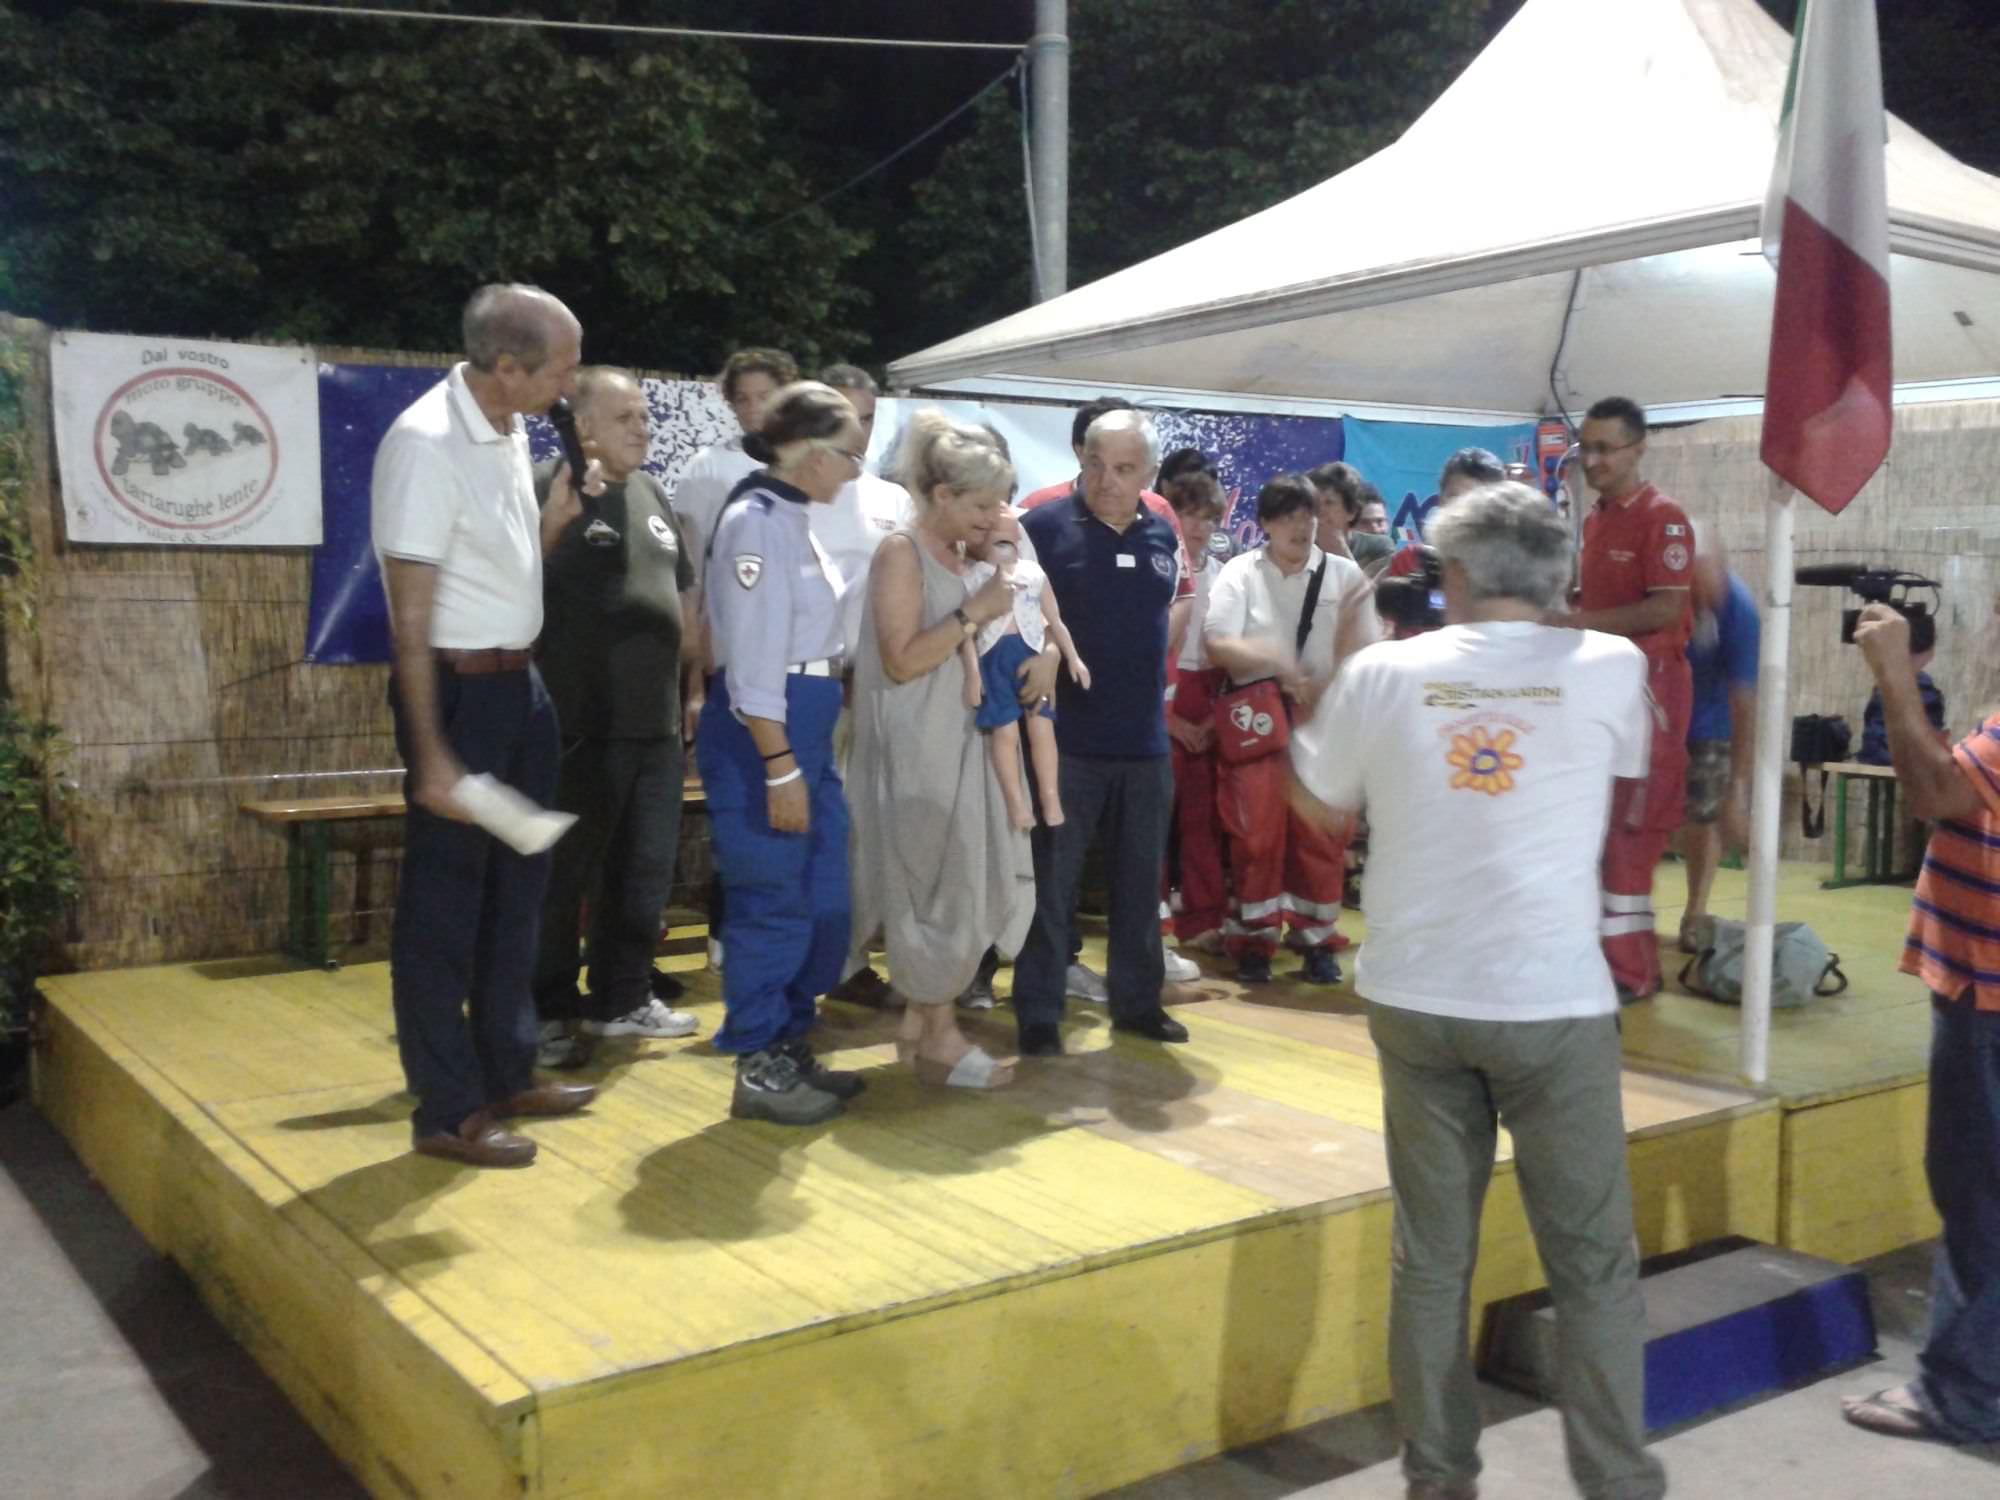 Solidarietà, un assegno da 1.200 euro per la clinica per bambini